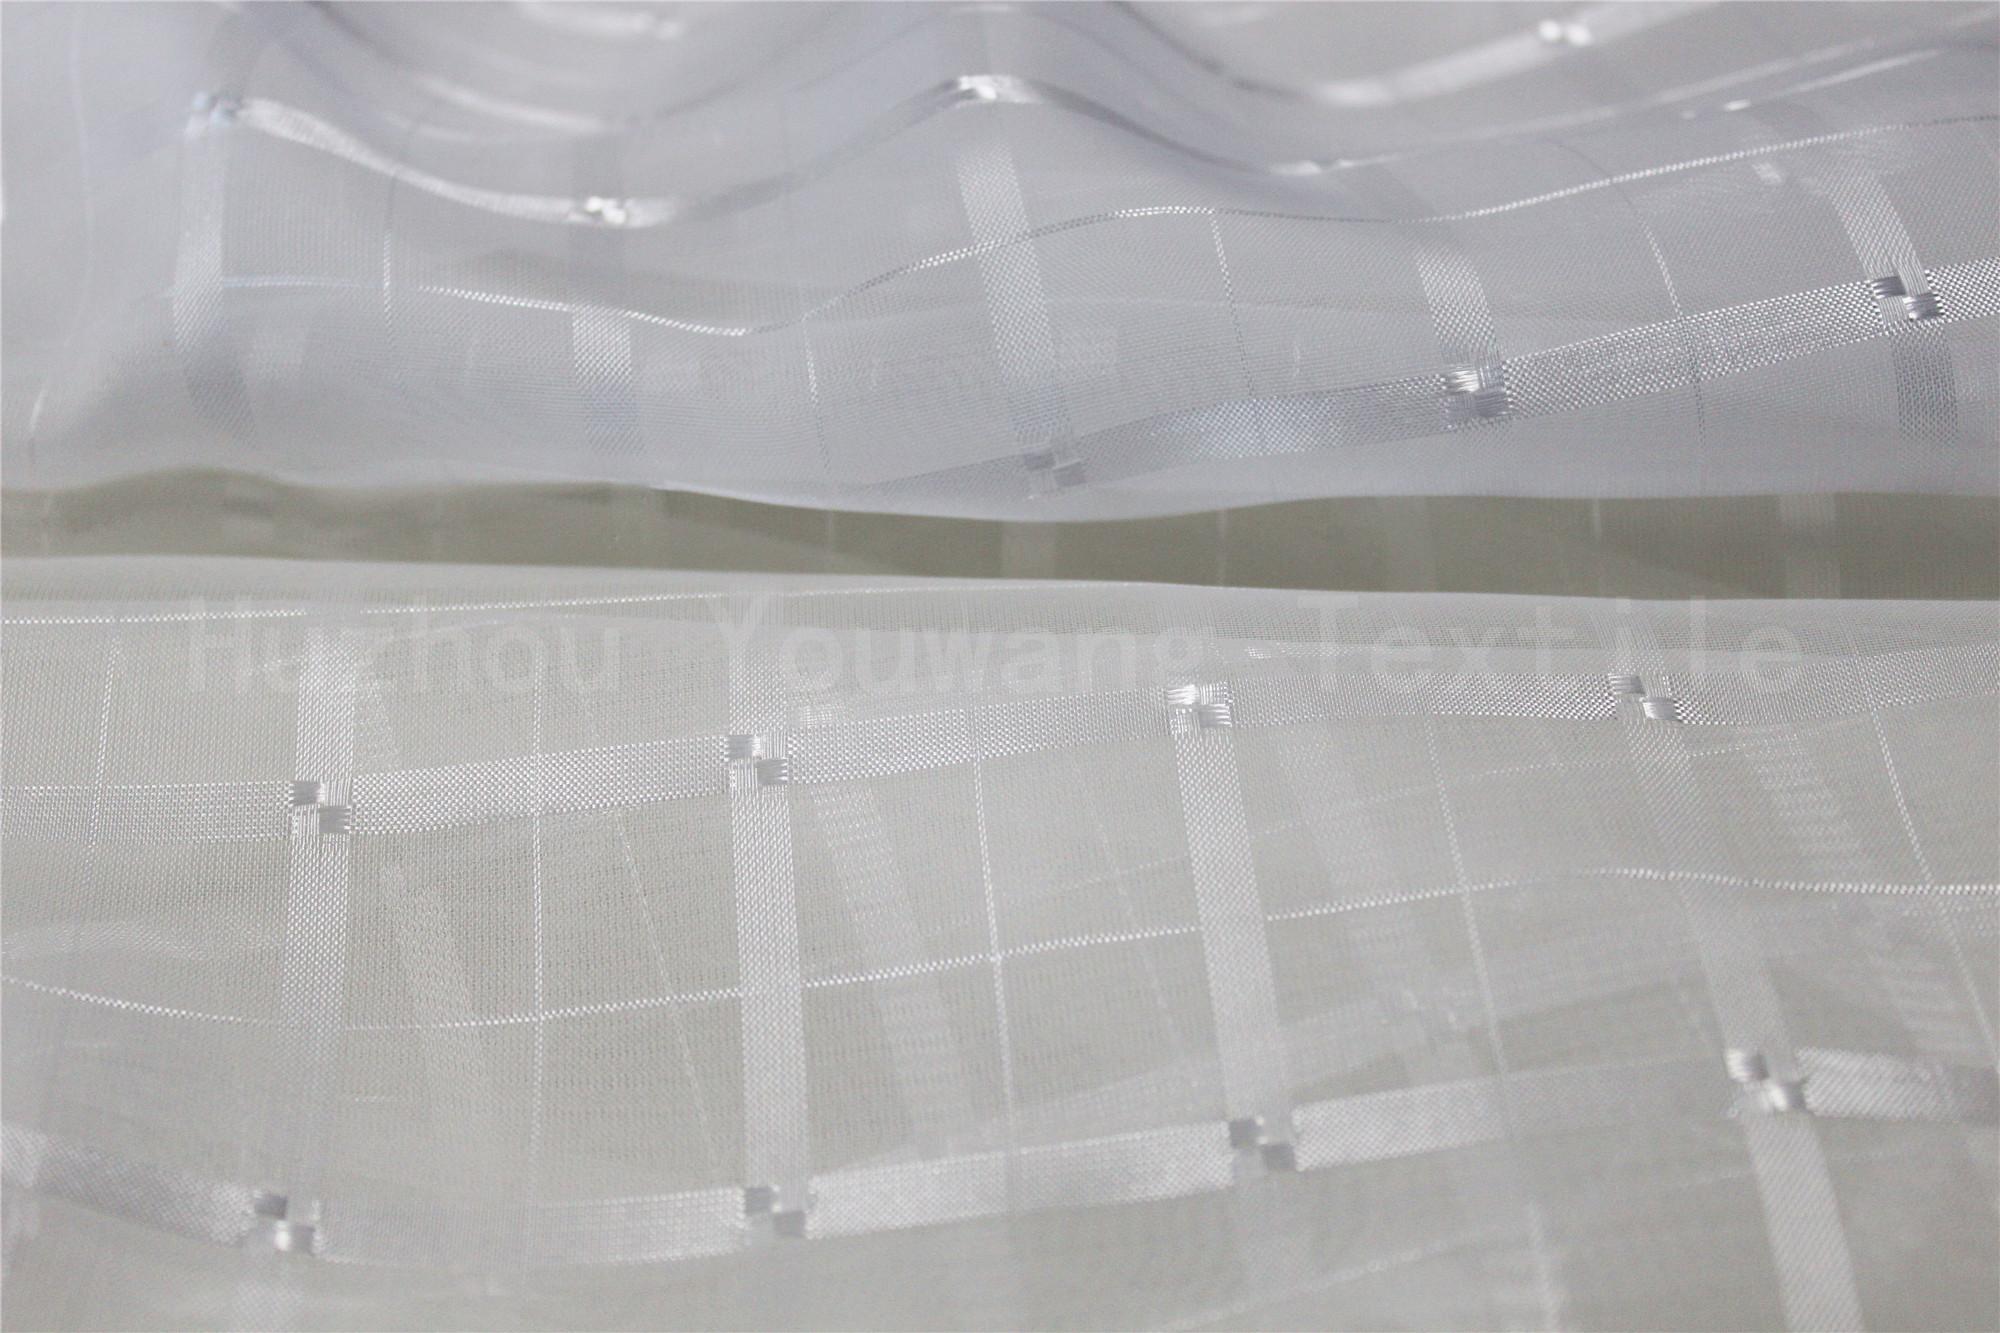 Matts Sheer Voile Fabric 4